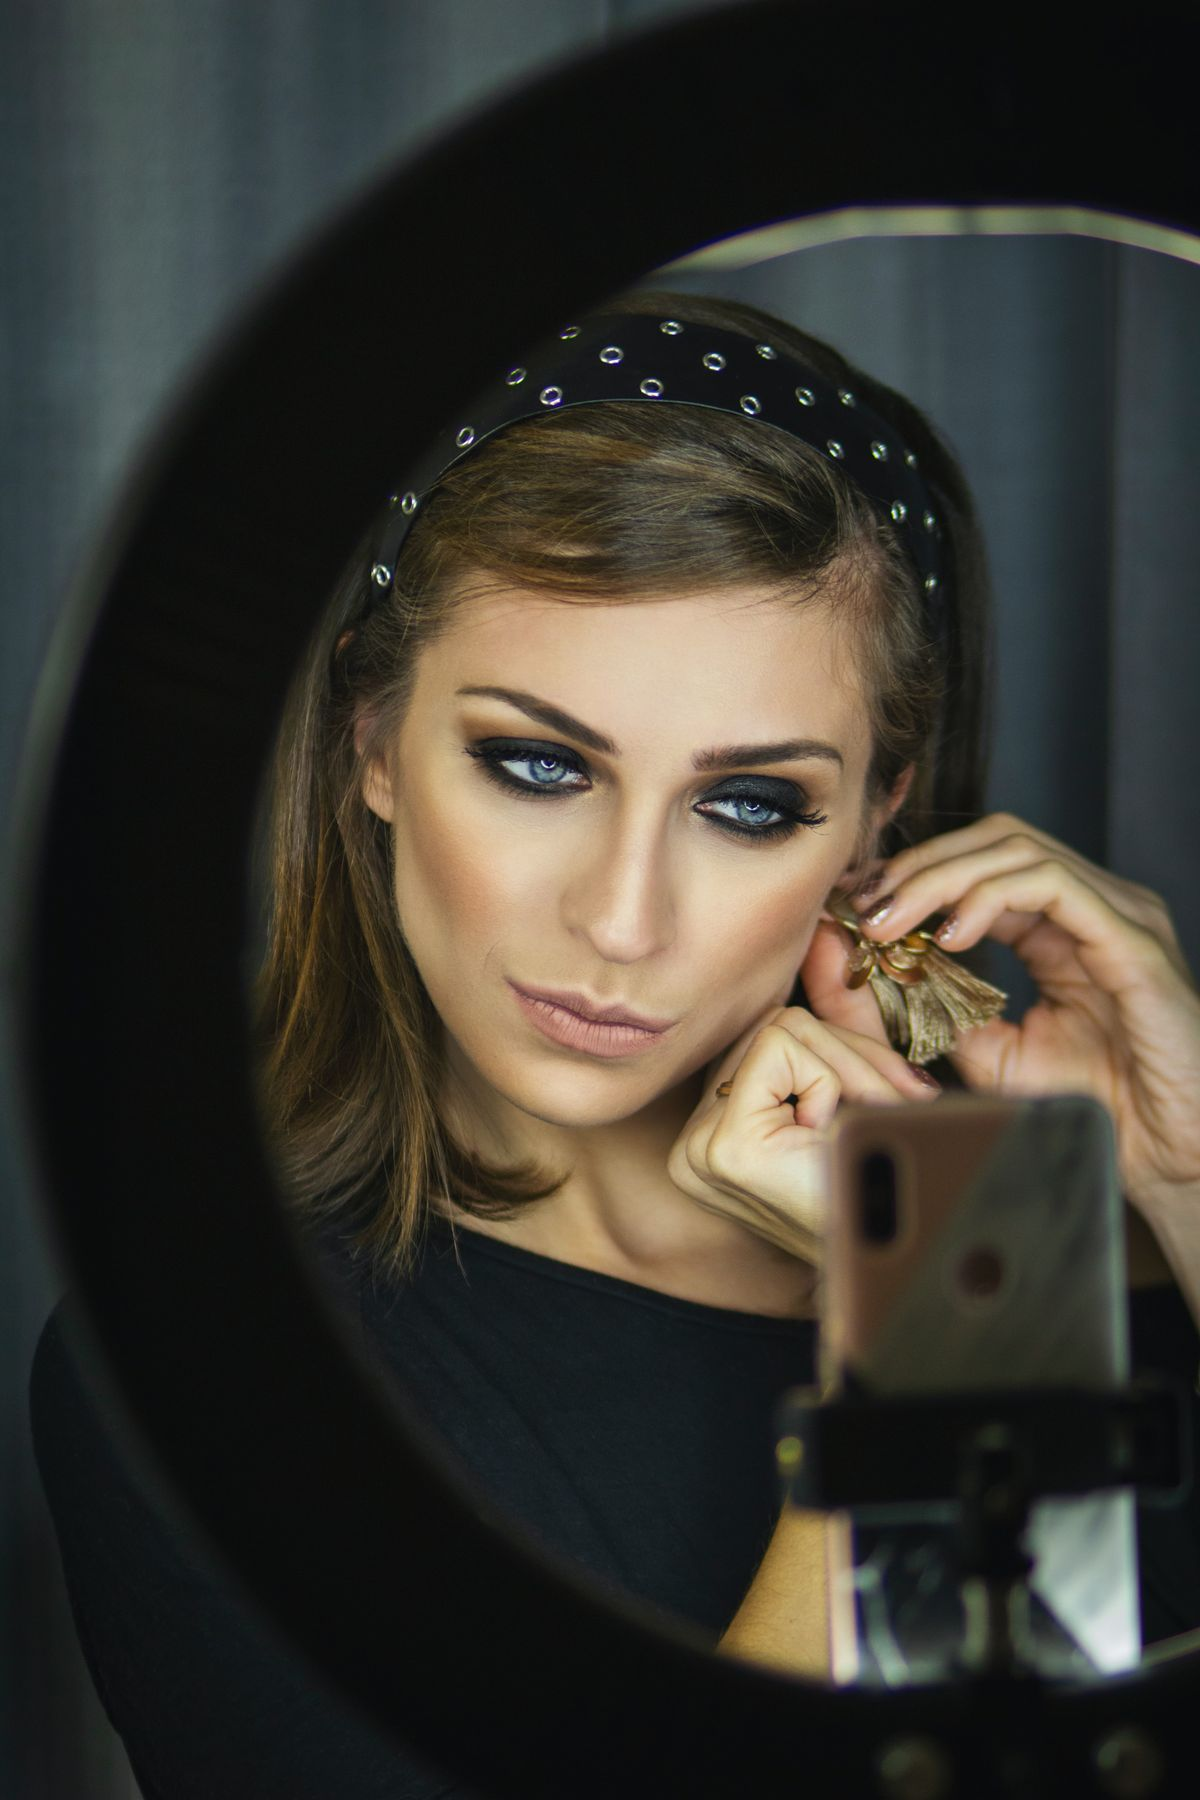 Beauty: Diese Augen lassen tief blicken